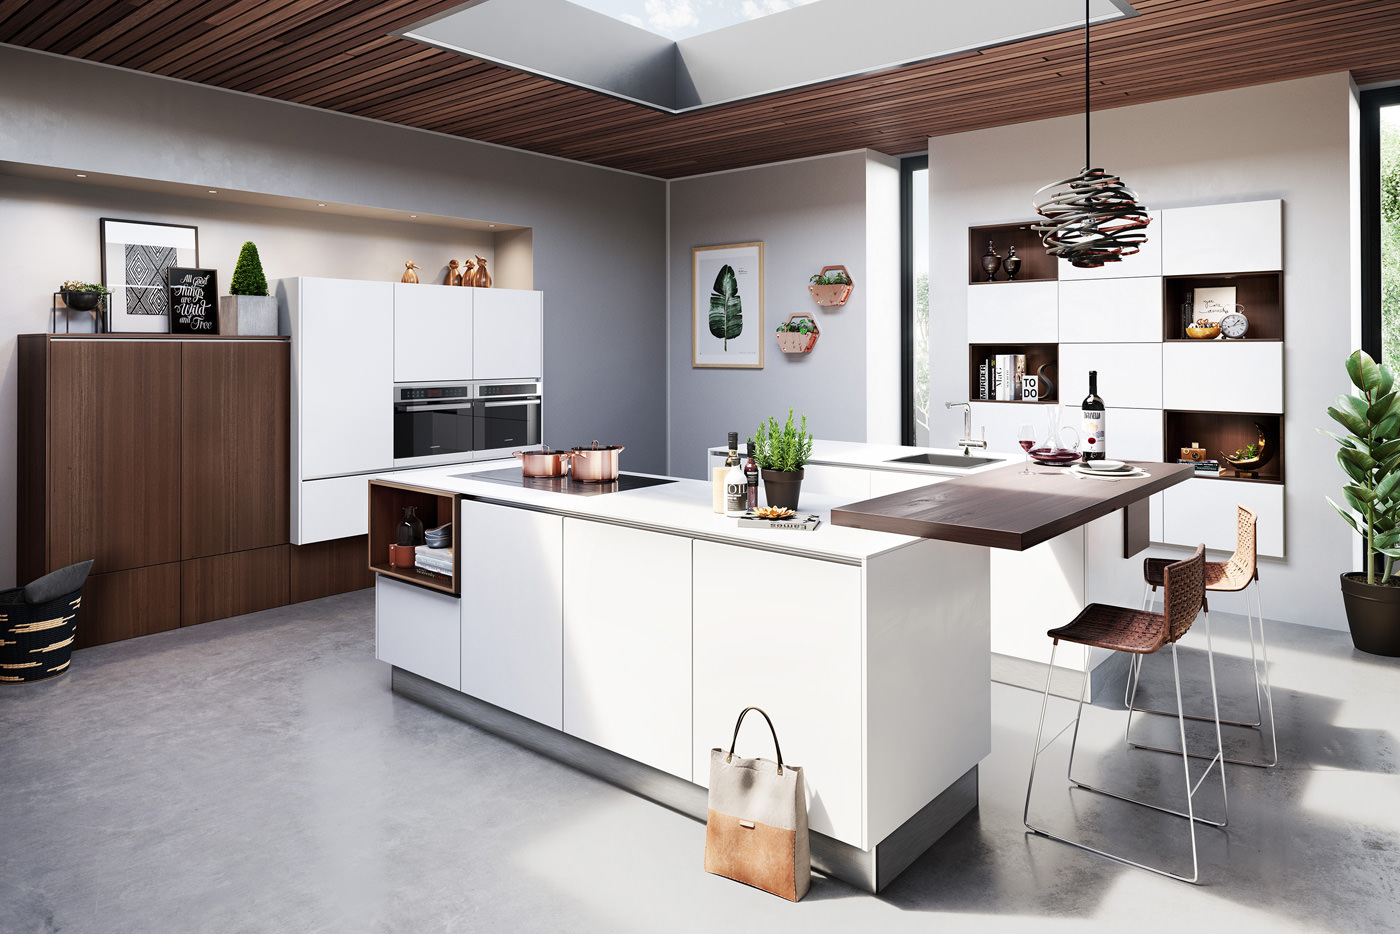 Küchenstudio Pflumm - Küchenausstellung